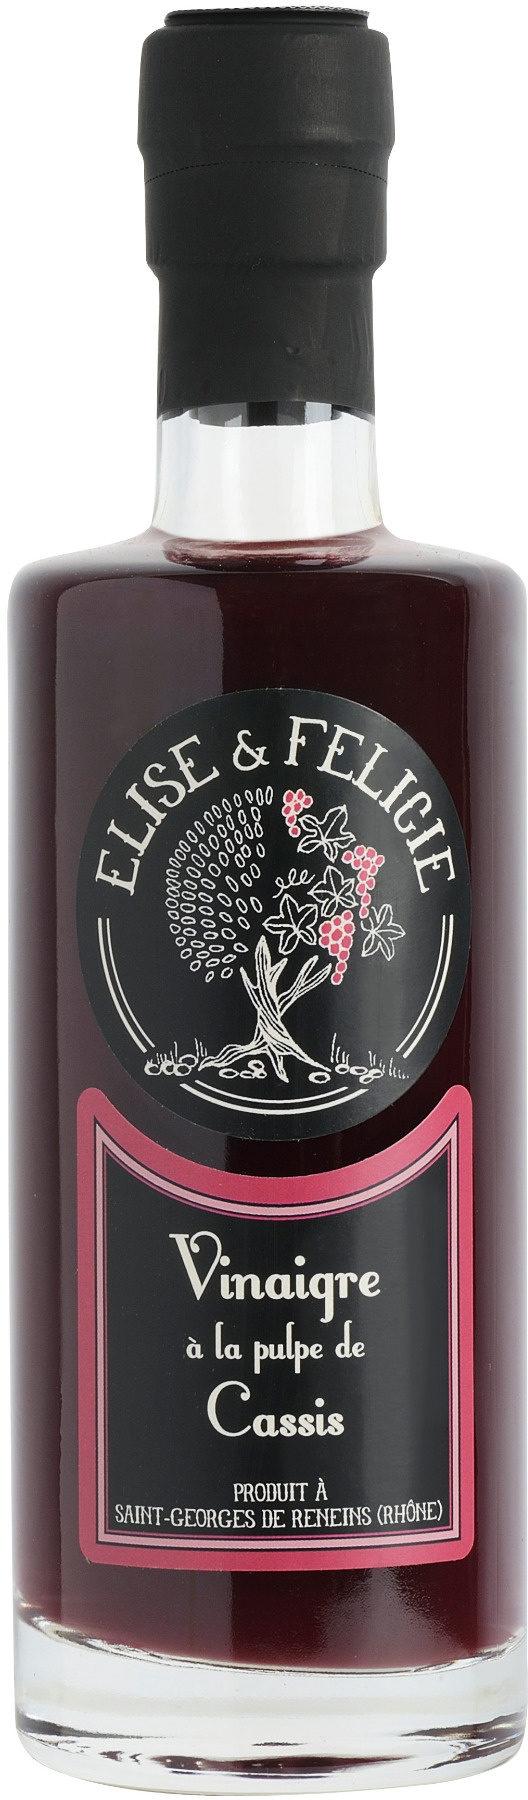 Vinaigre à la Pulpe de Cassis - Product - fr